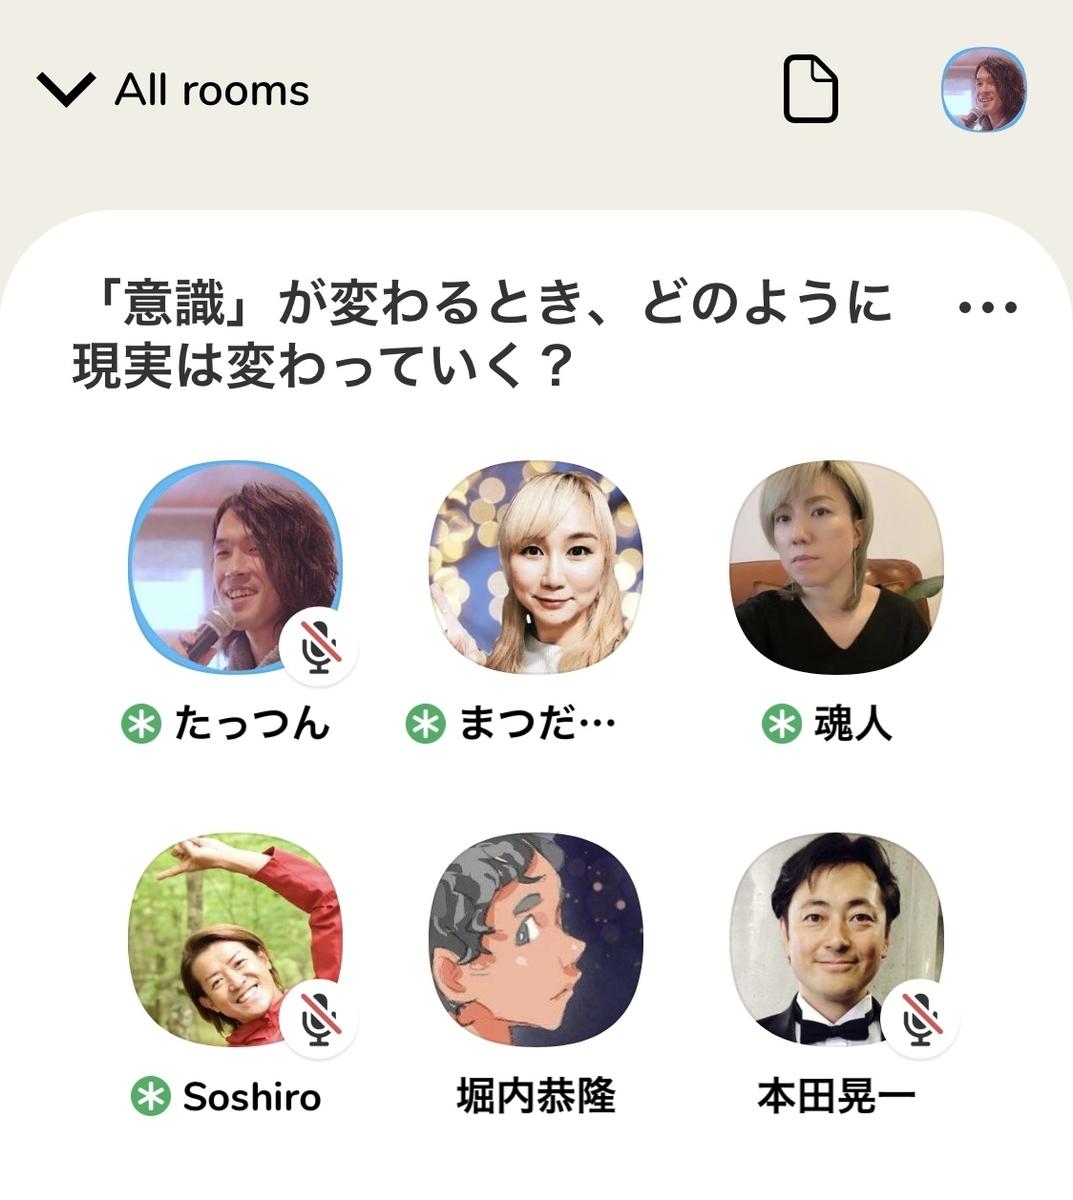 f:id:tatsunori-matsuda:20210228185025j:plain